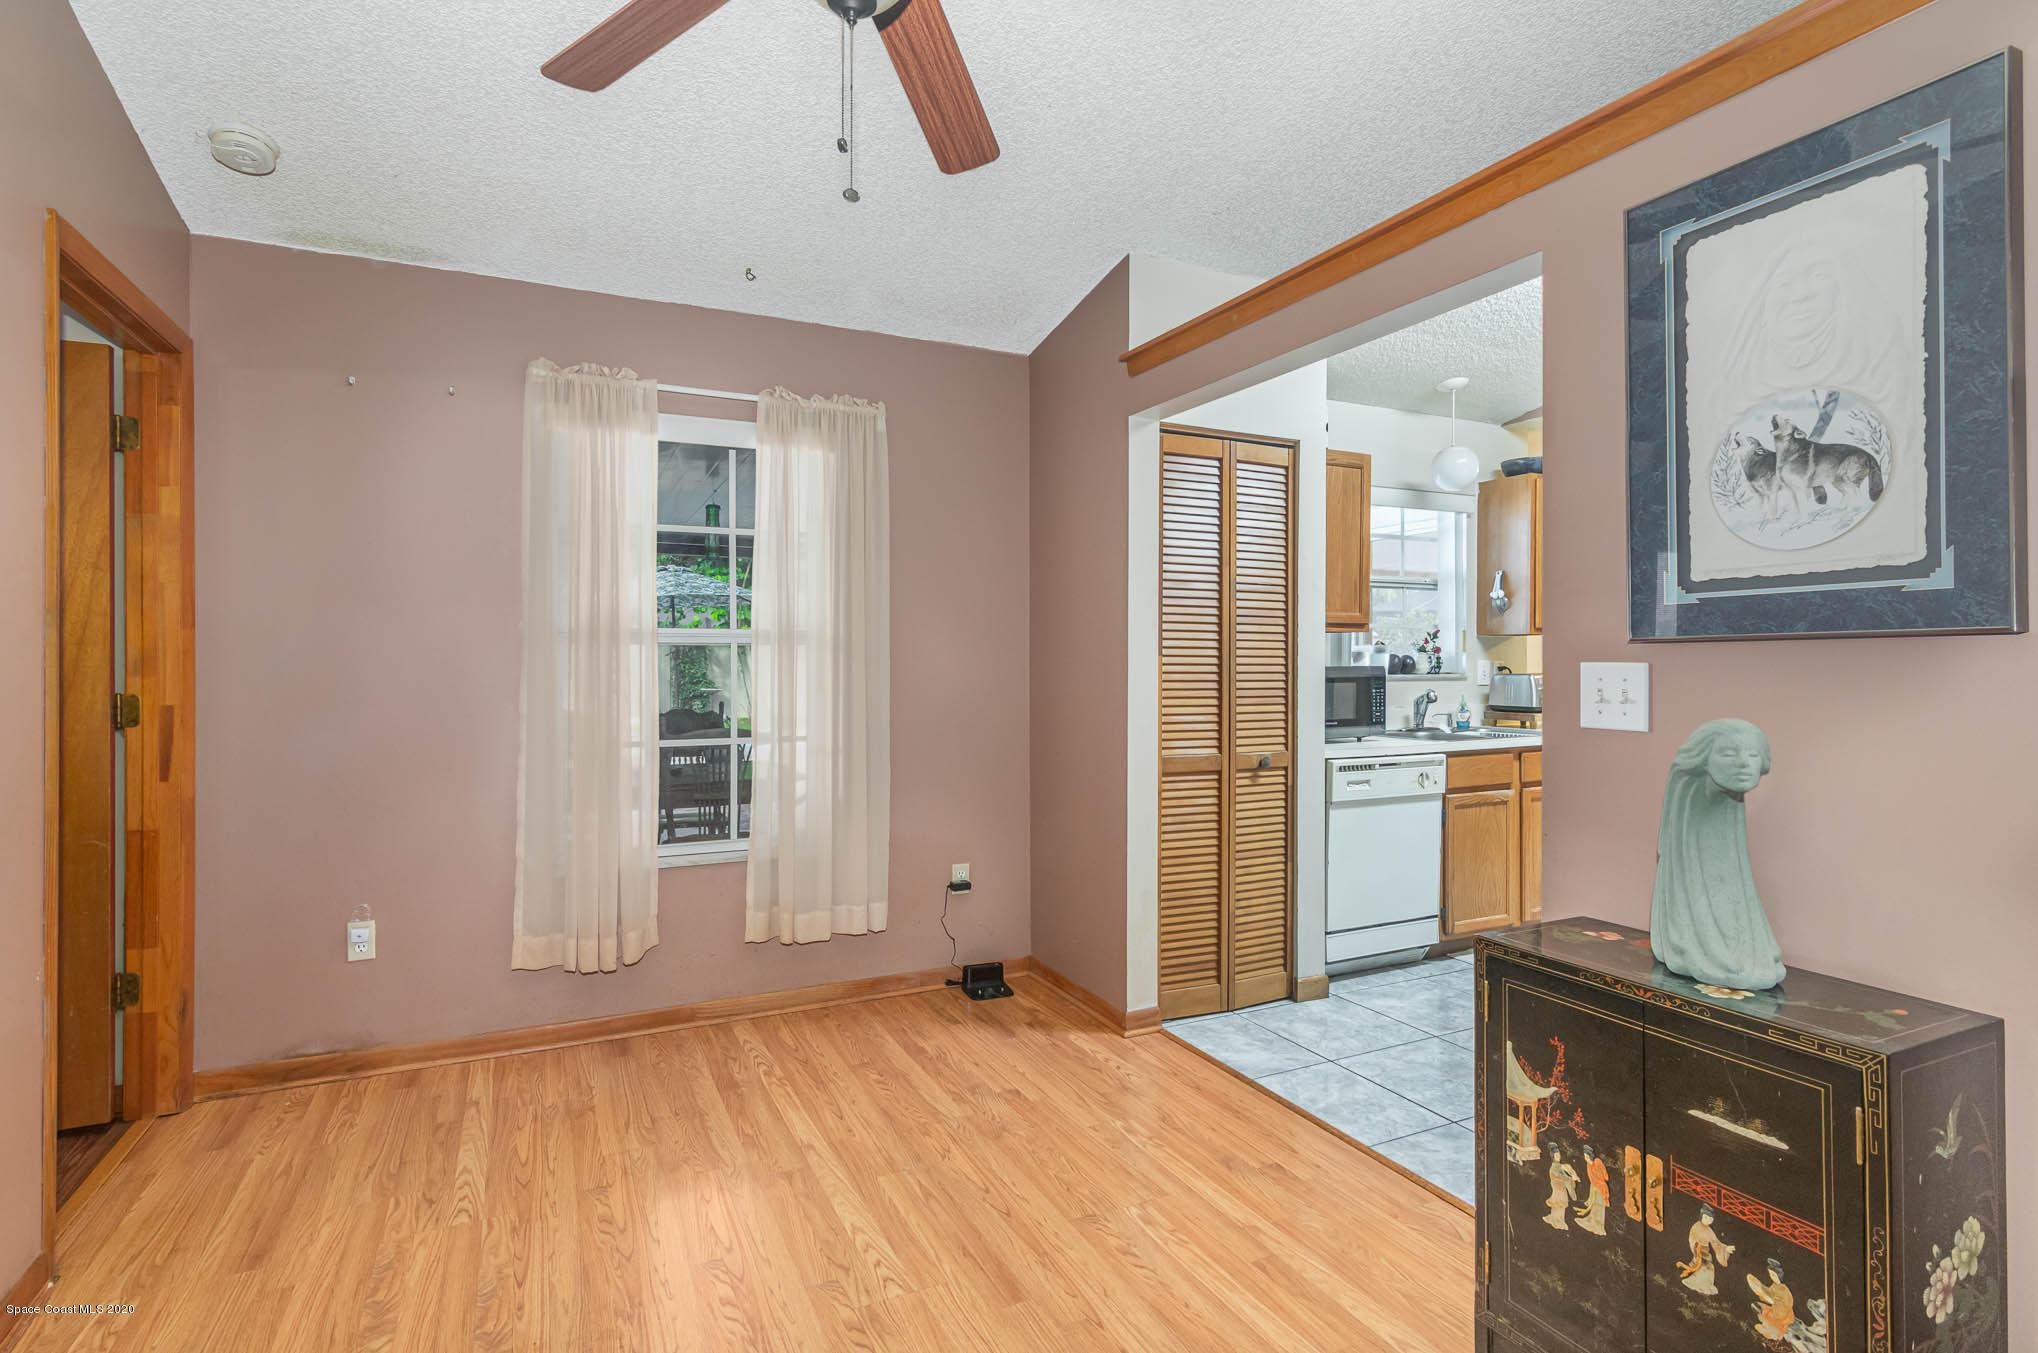 Image 5 For 6430 Addax Avenue